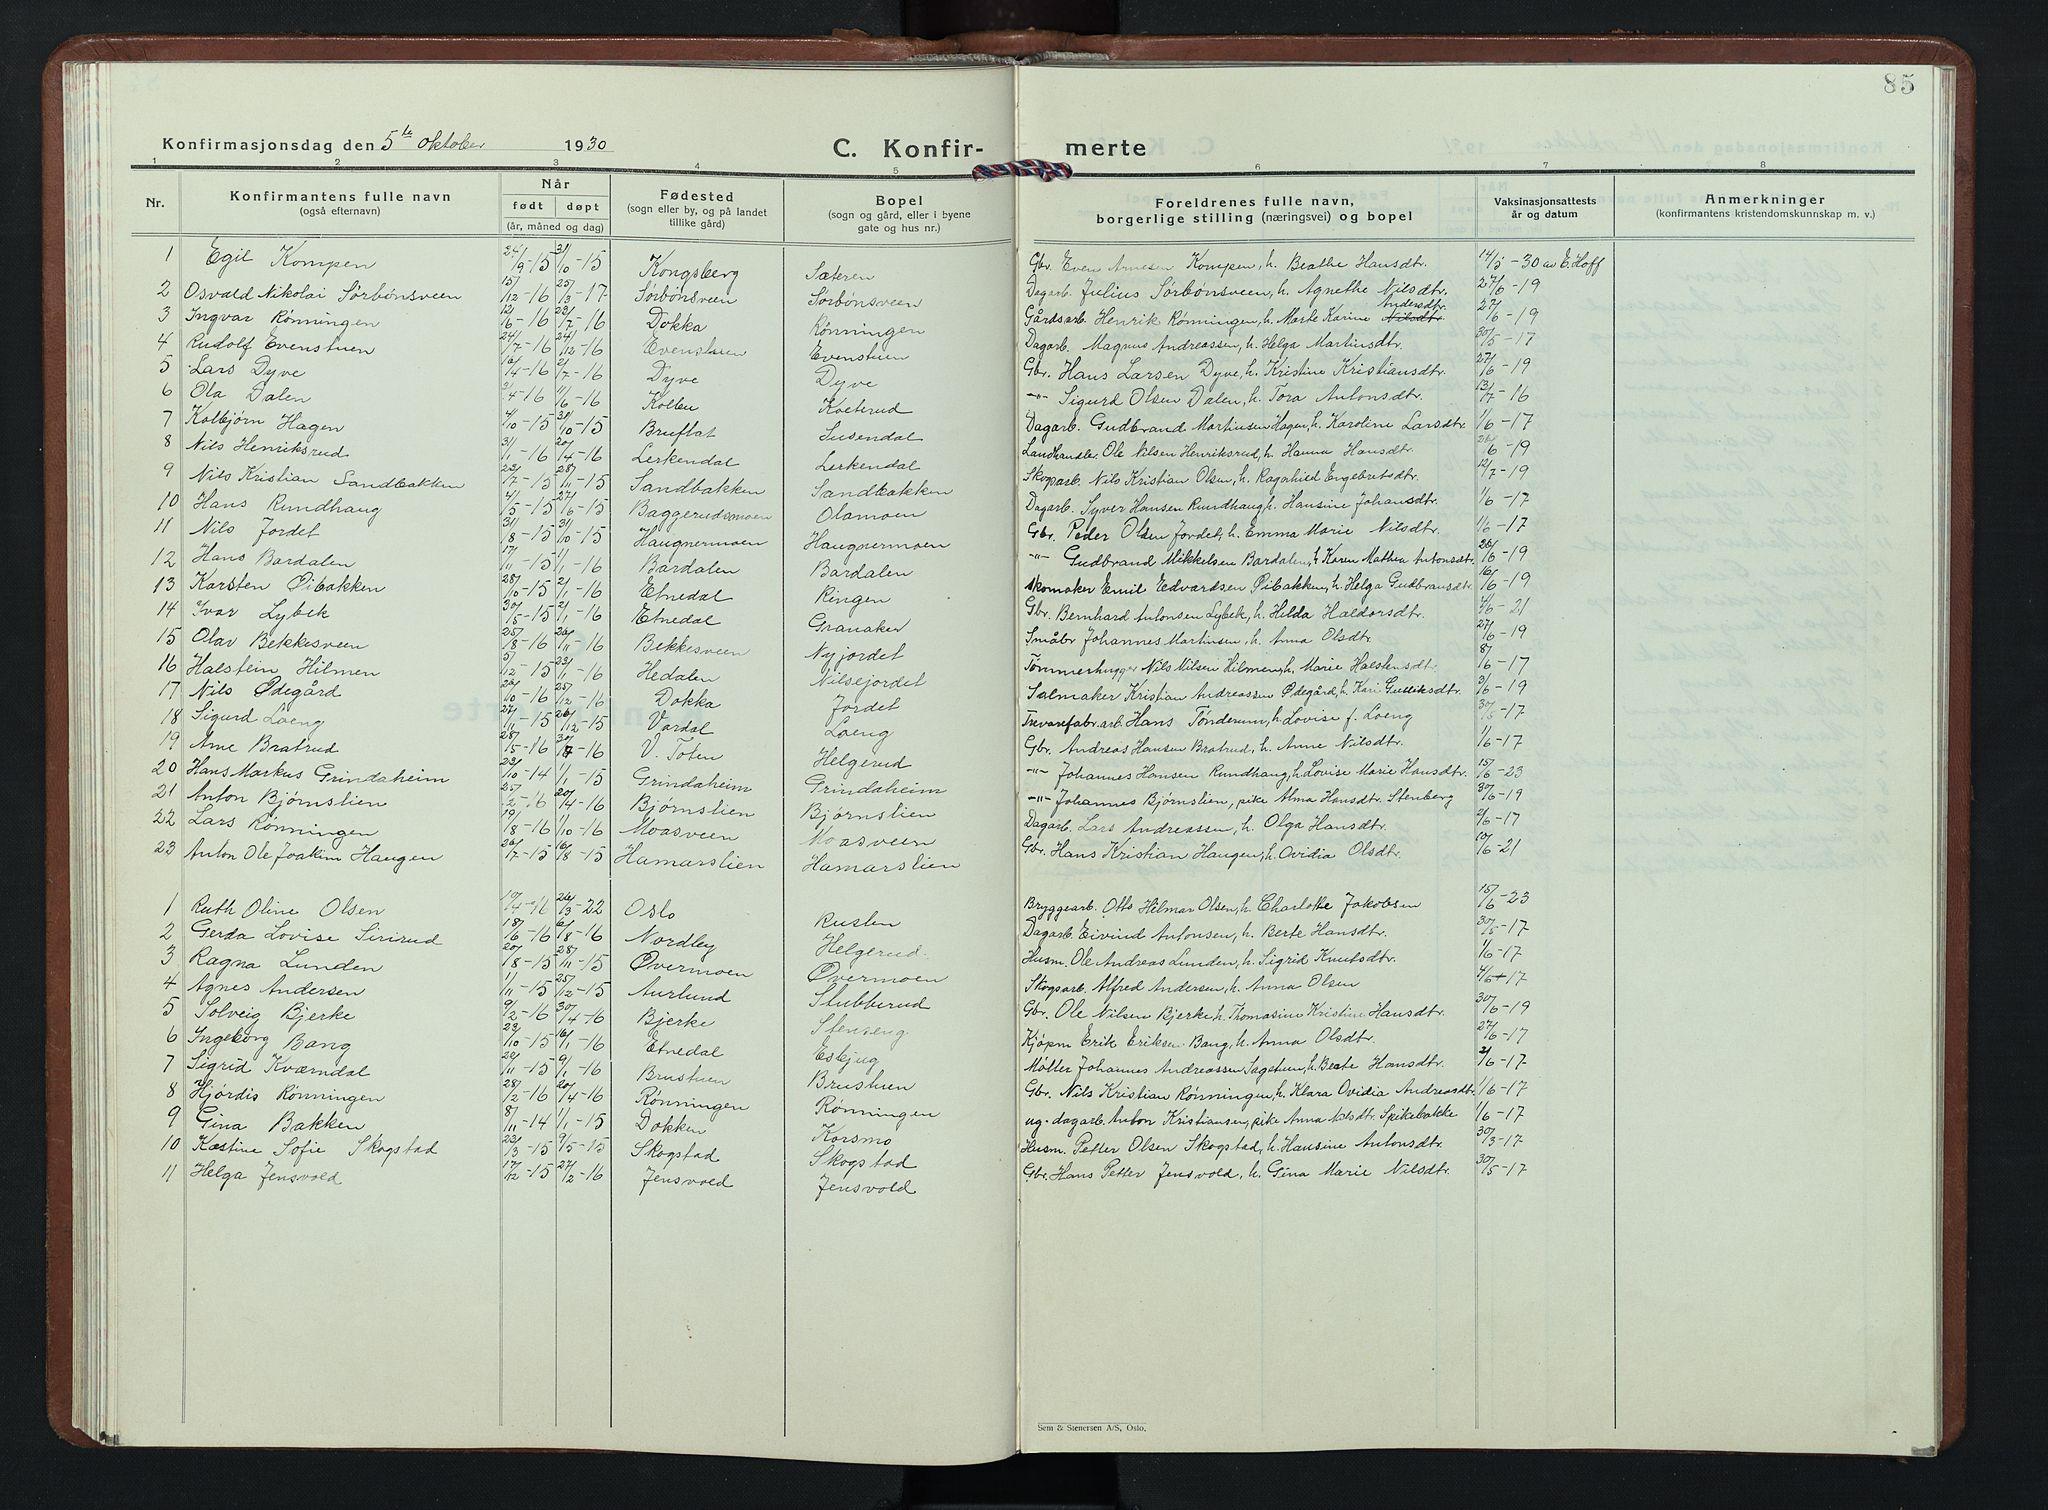 SAH, Nordre Land prestekontor, Klokkerbok nr. 7, 1930-1953, s. 85